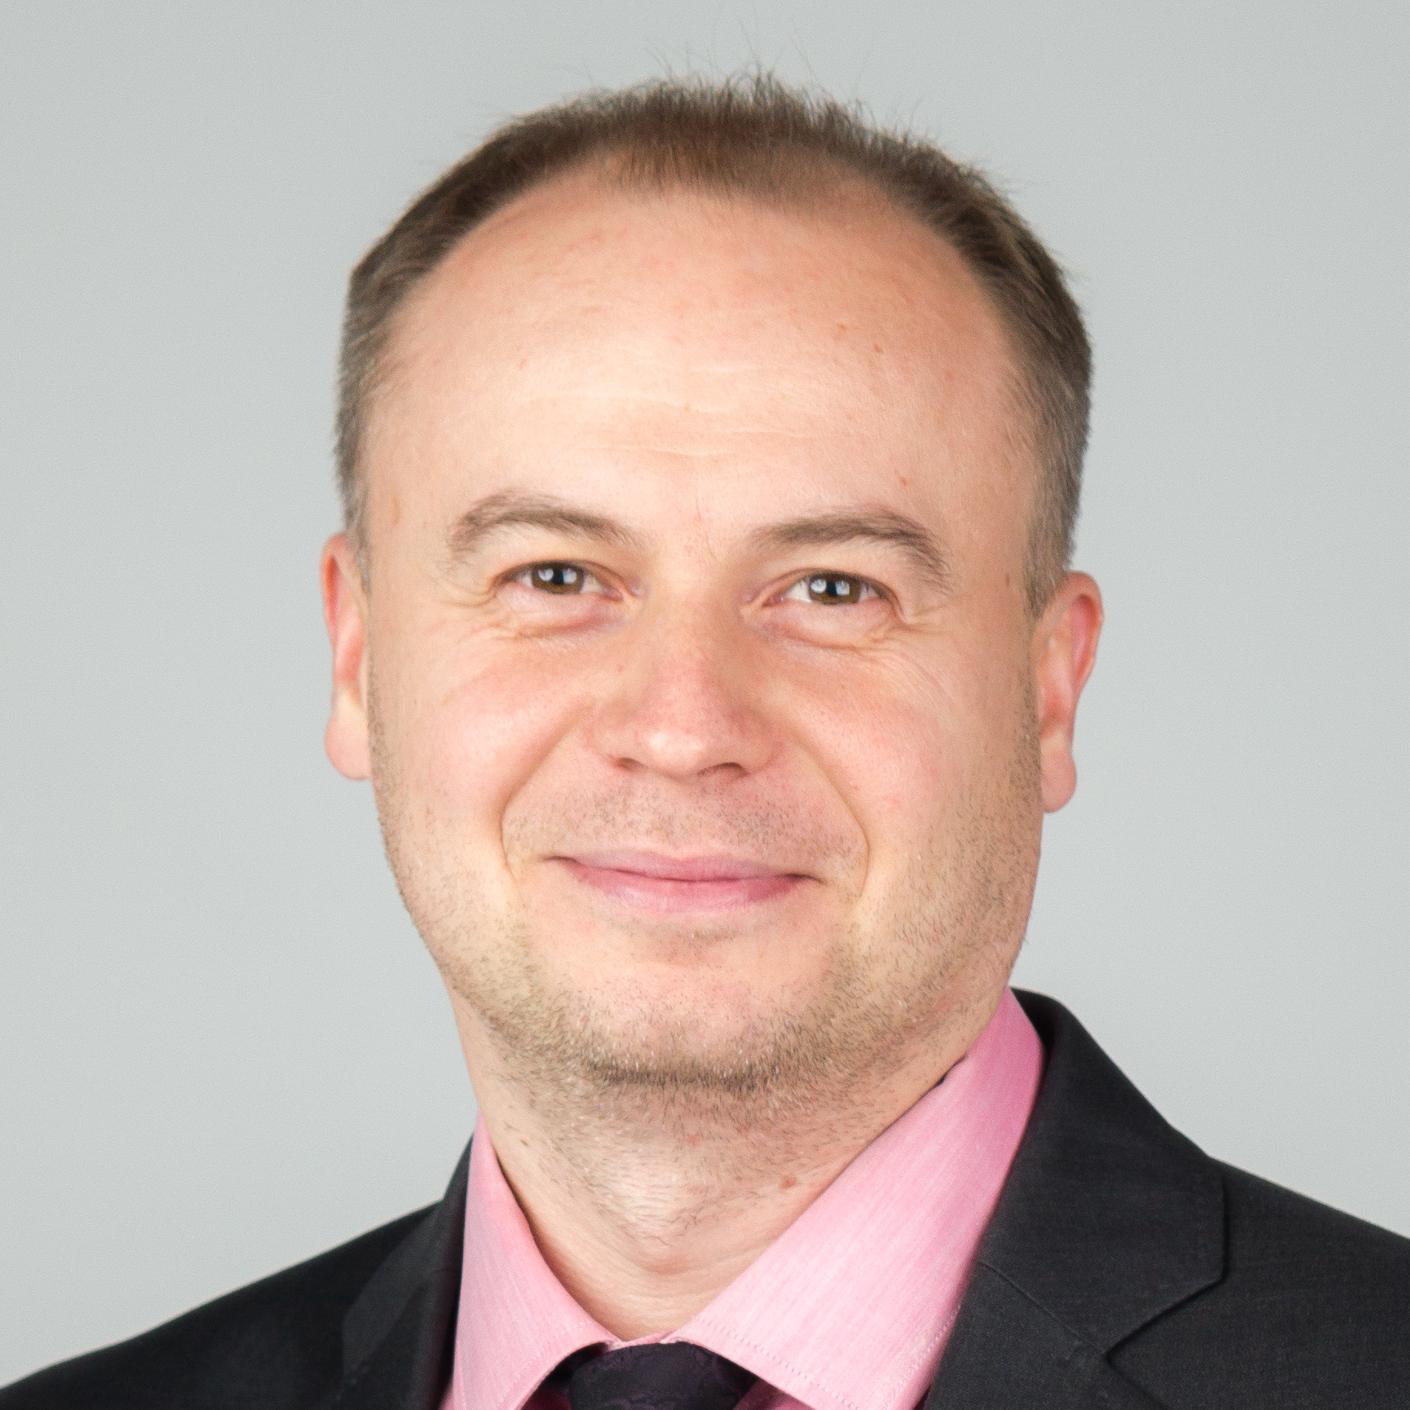 Juri Dushko